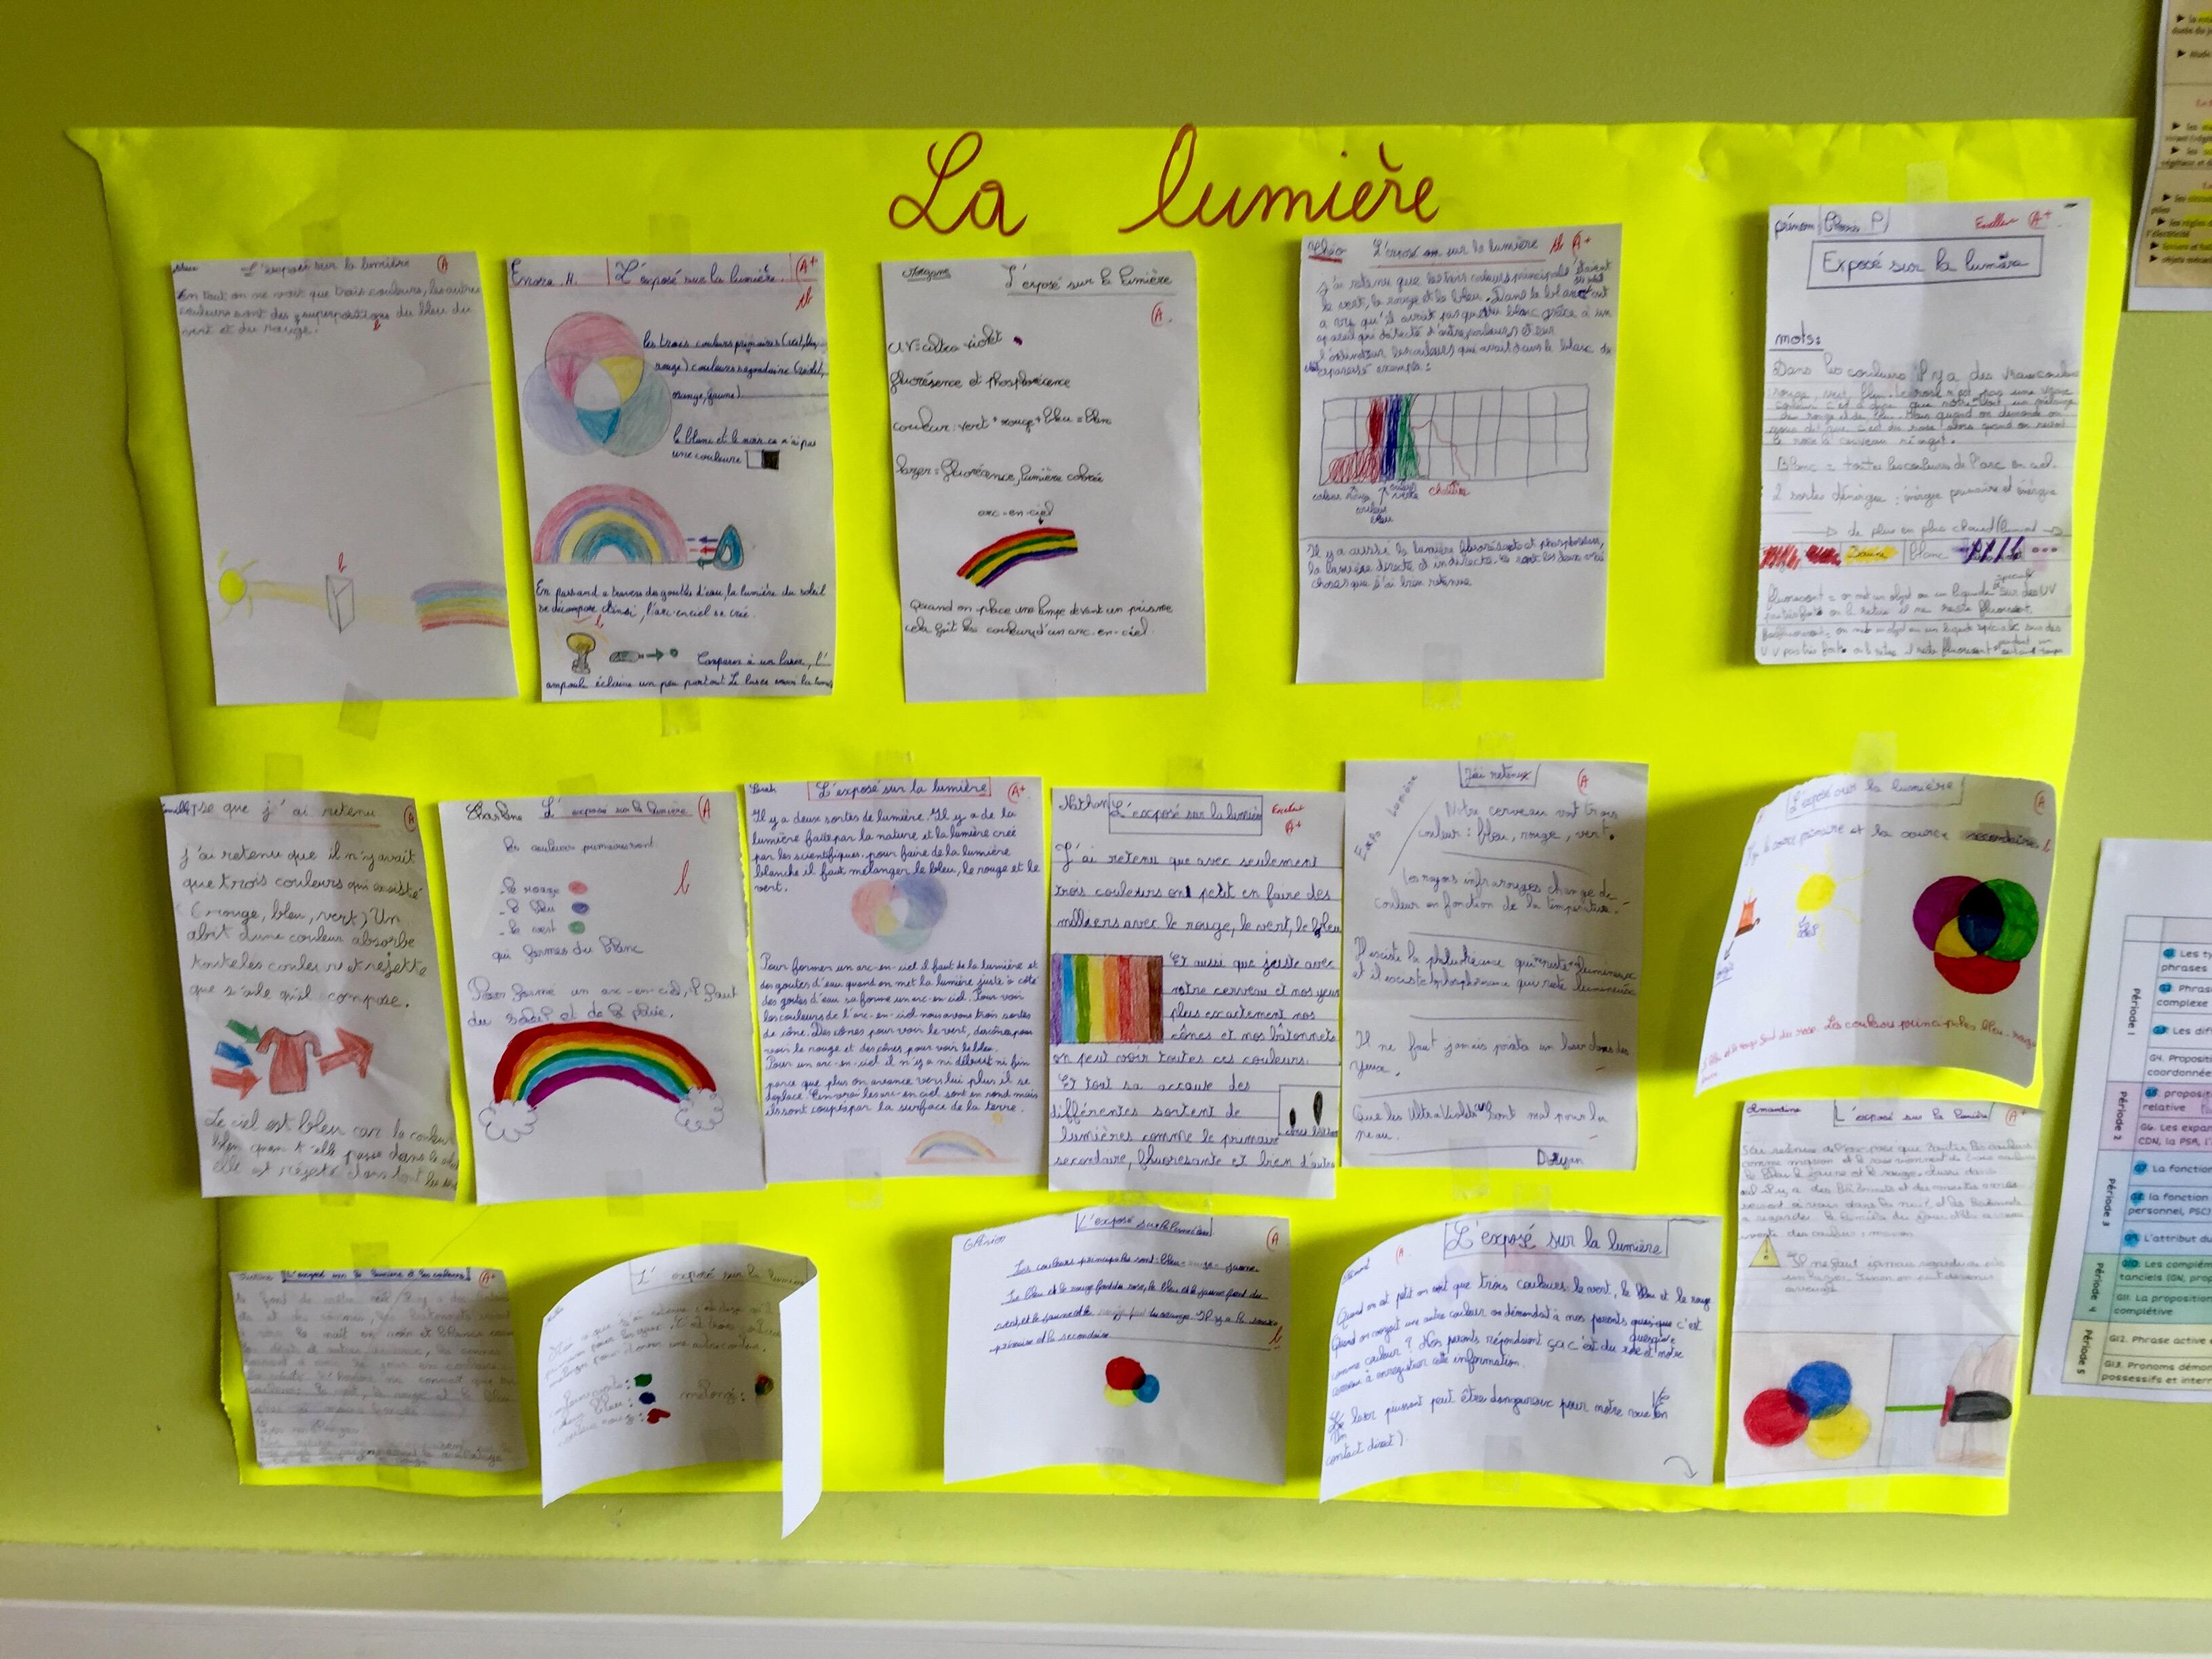 École élémentaire d'Audrieu (Calvados)